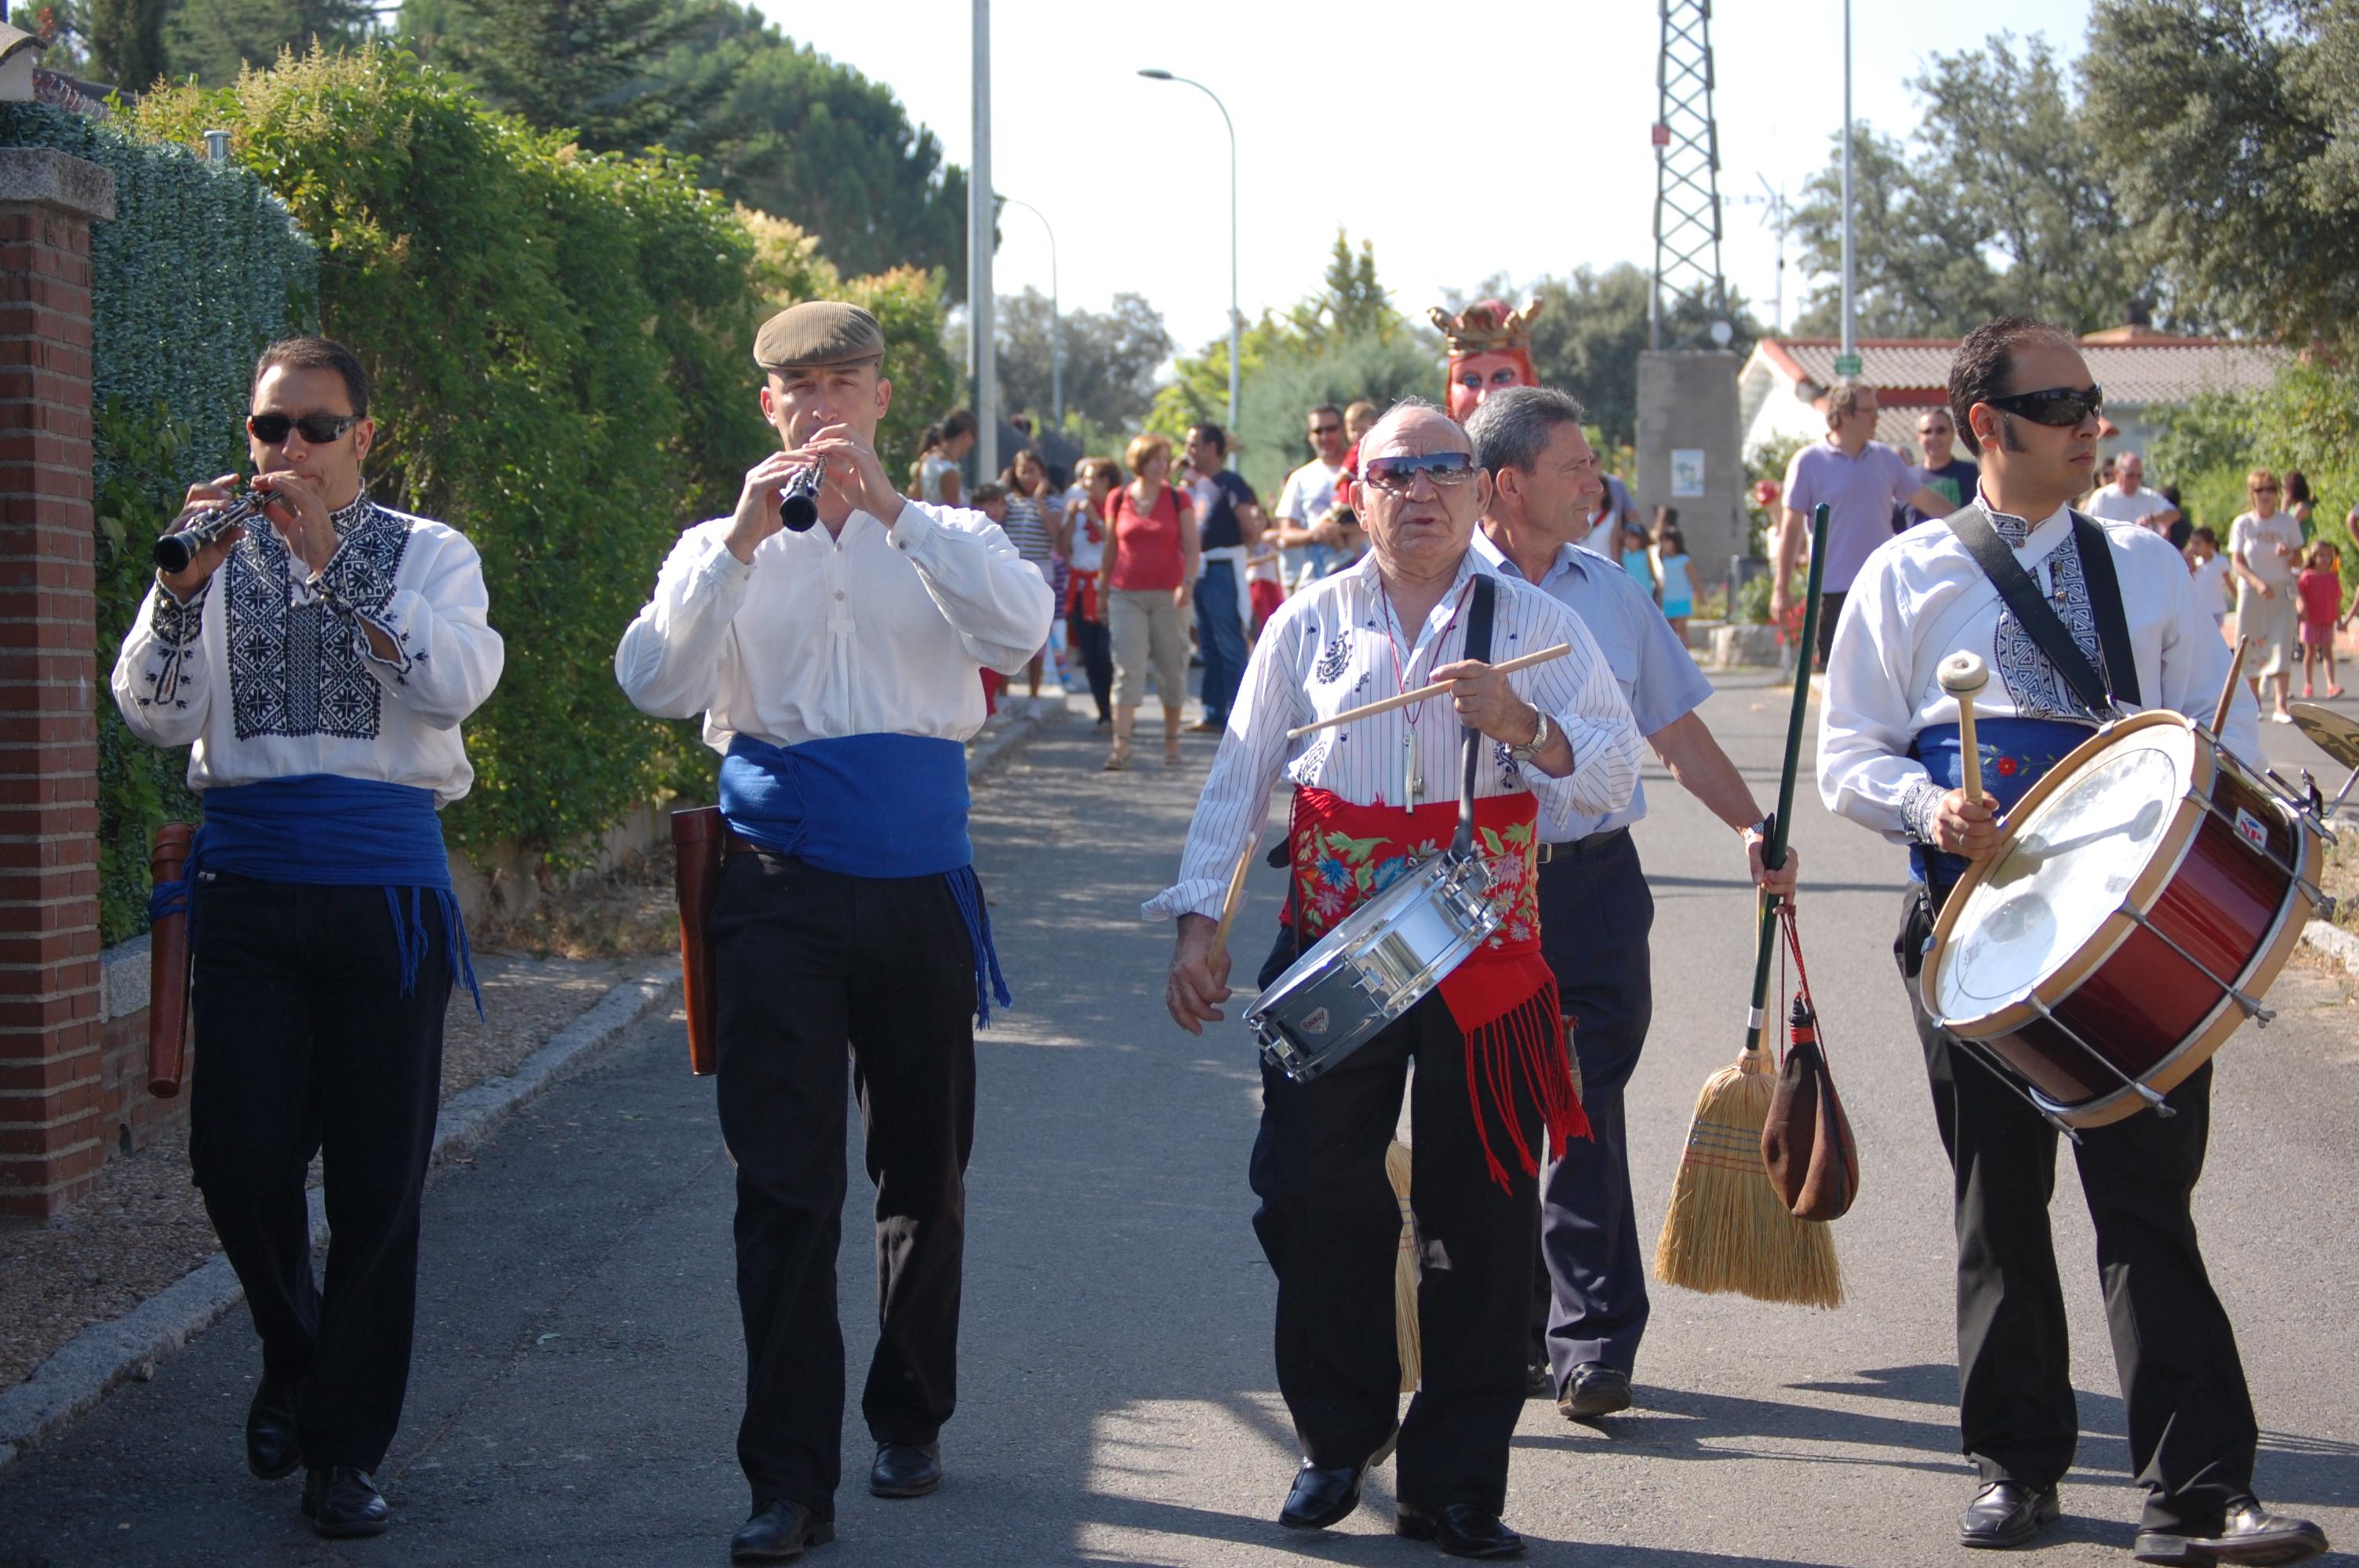 08 ago 09 - PV Cabezudos (16)